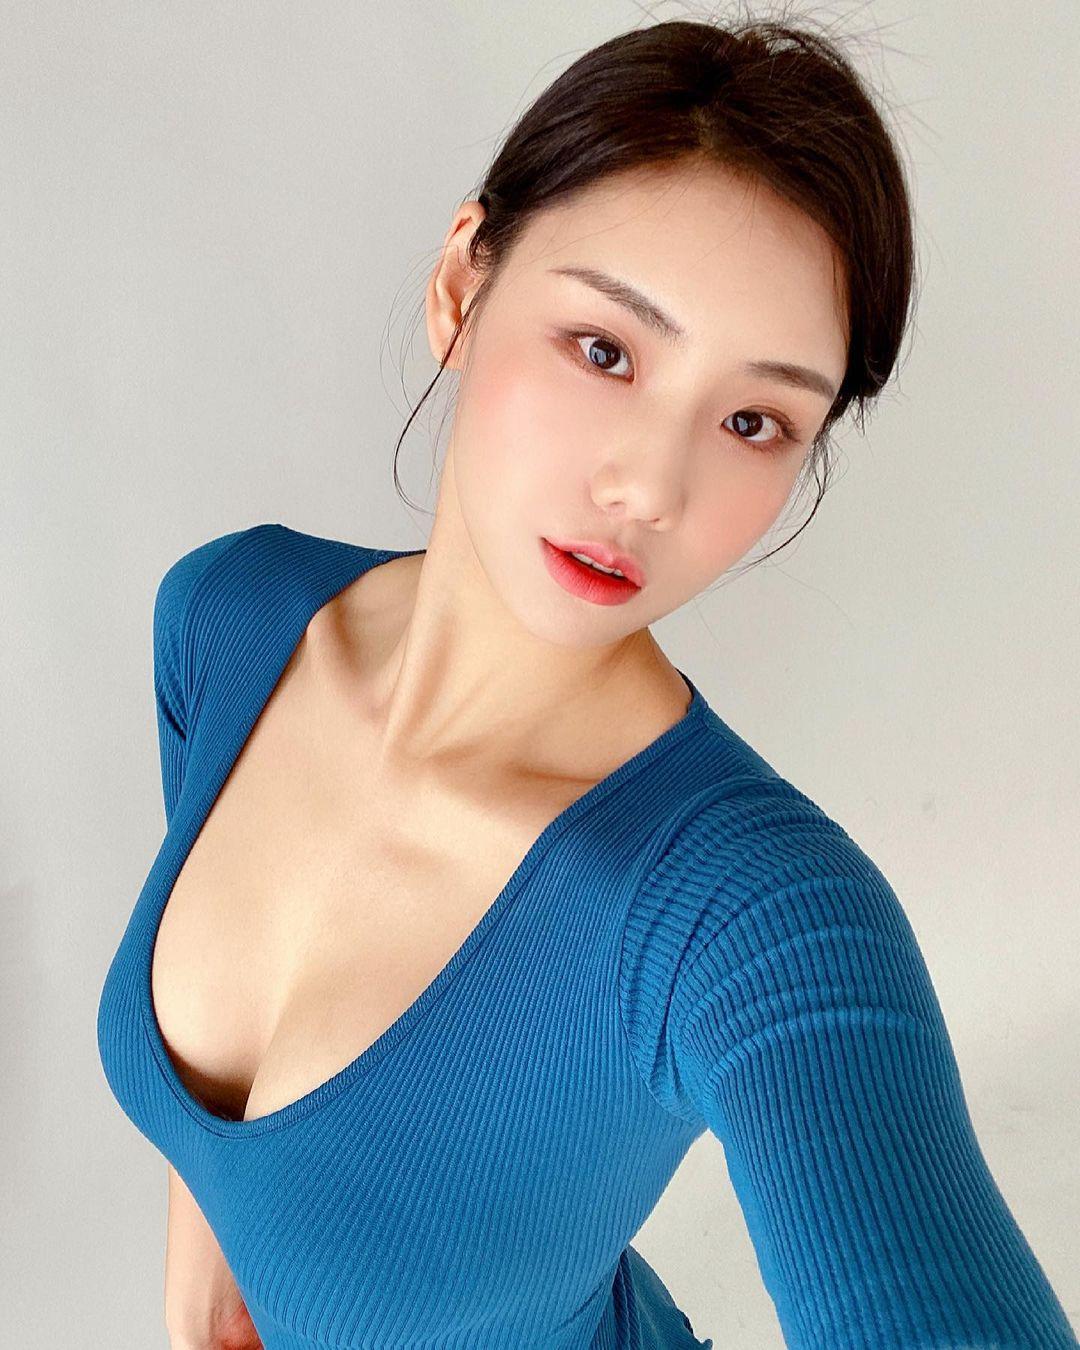 Các thiếu nữ xứ Hàn khéo hút ánh nhìn nơi công cộng nhờ nguyên tắc chỉ mặc hở 1 điểm - 6